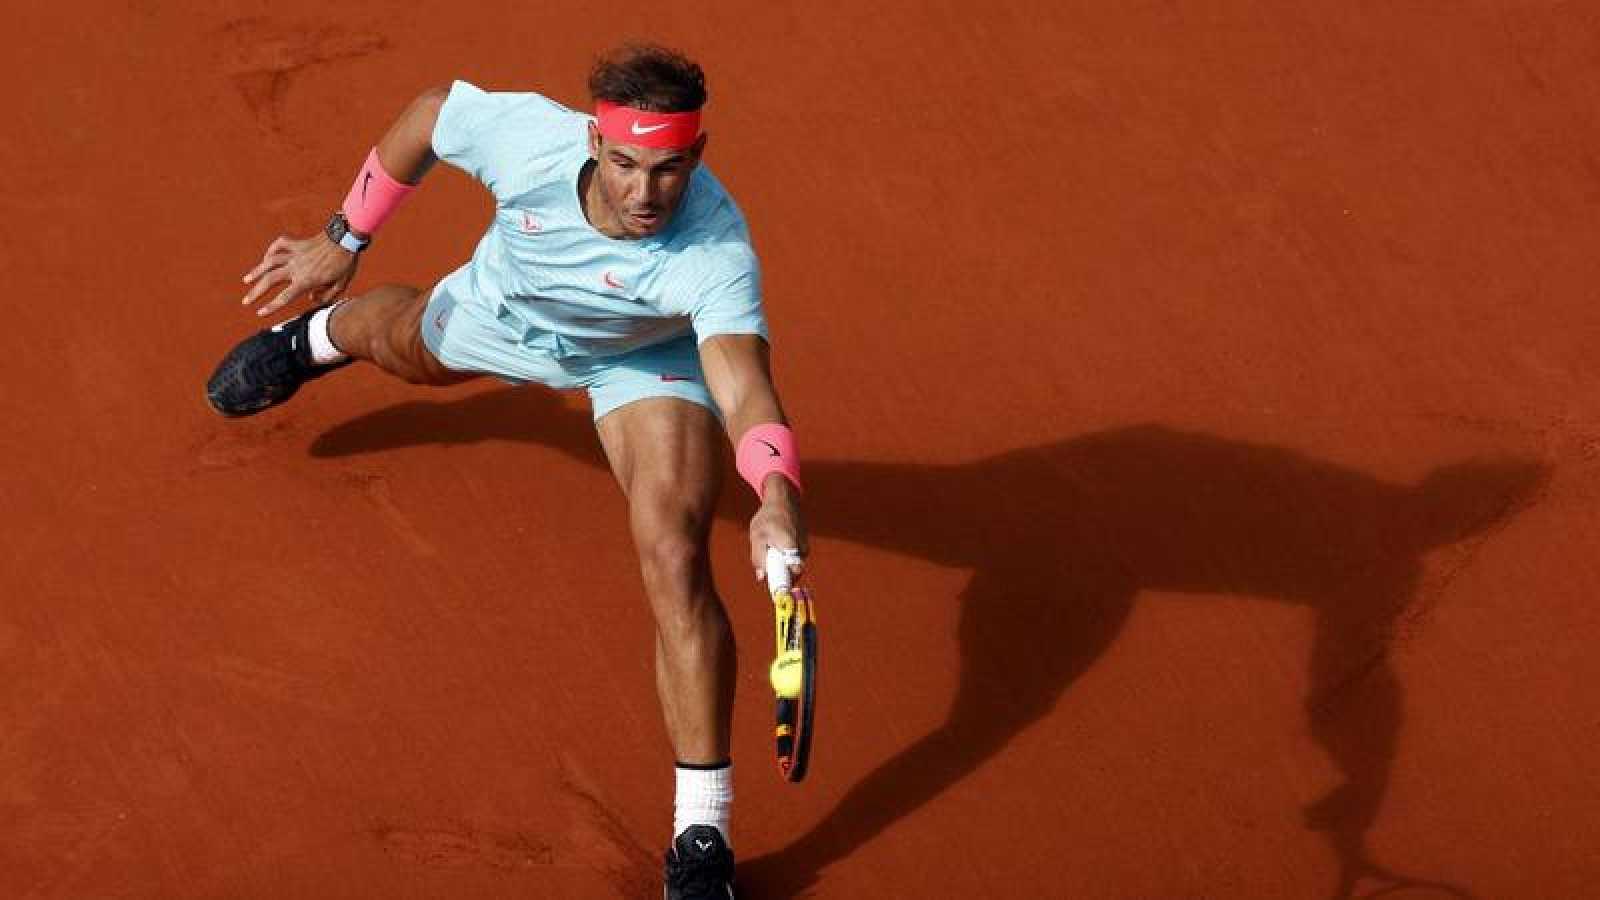 El tenista español Rafa Nadal, durante su partido ante Sebastian Korda en París.